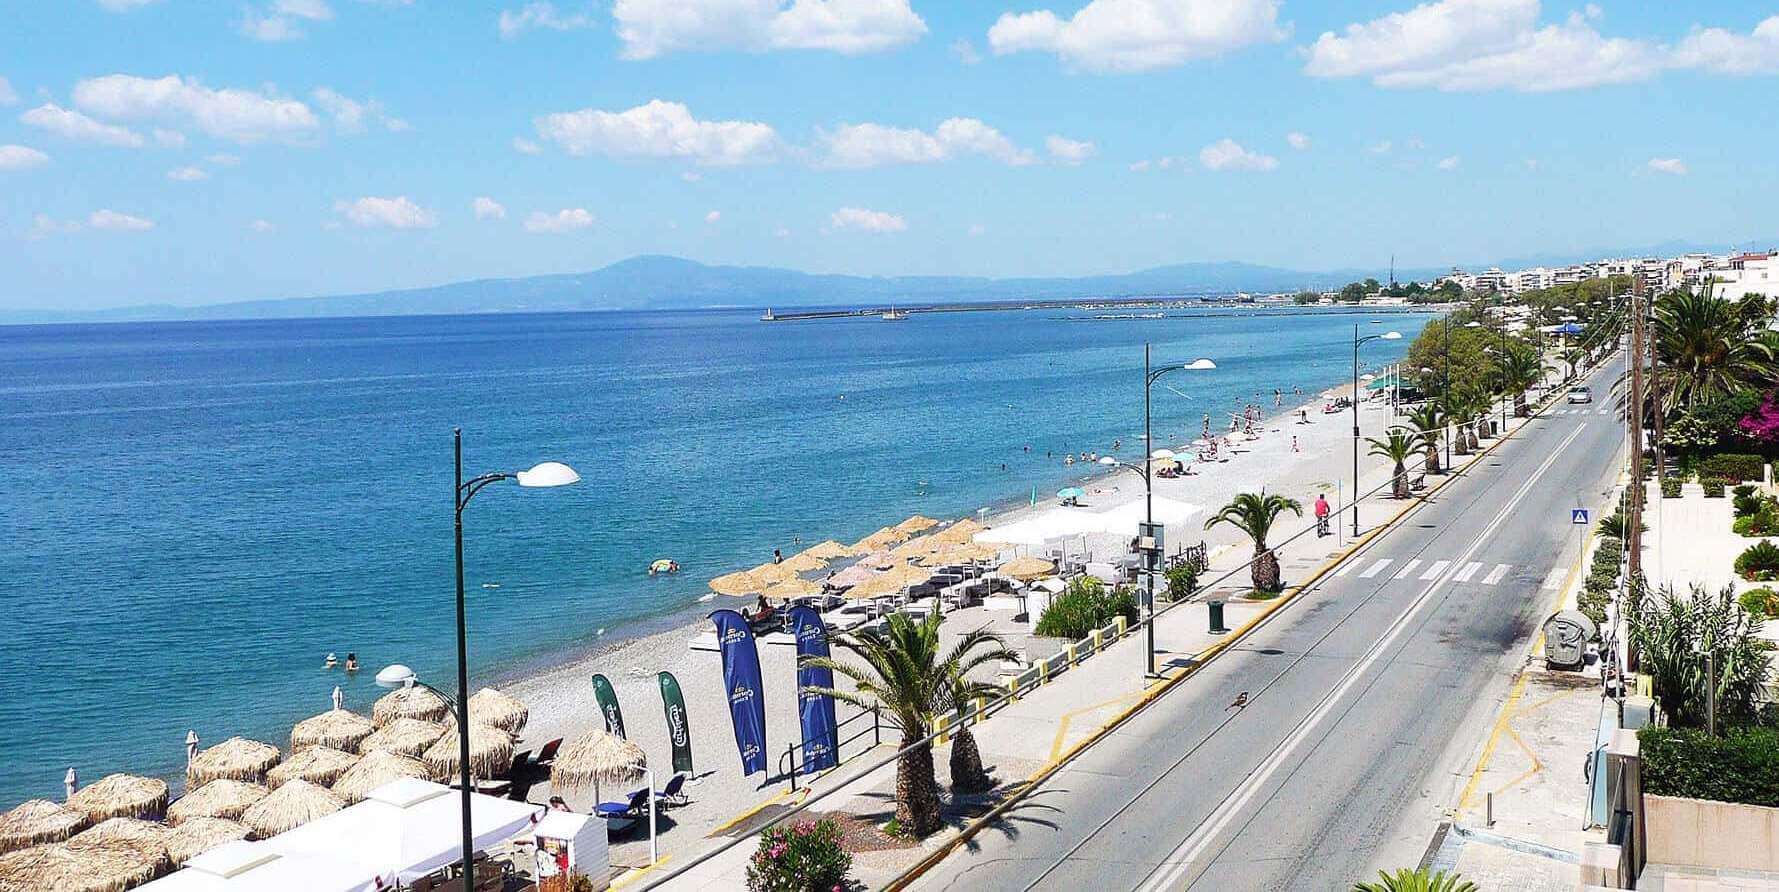 Πολυτελής Διαμονή στην Καλαμάτα: 5 λόγοι για να διαλέξετε μία από τις βίλες των Kalamata Mediterranean Villas